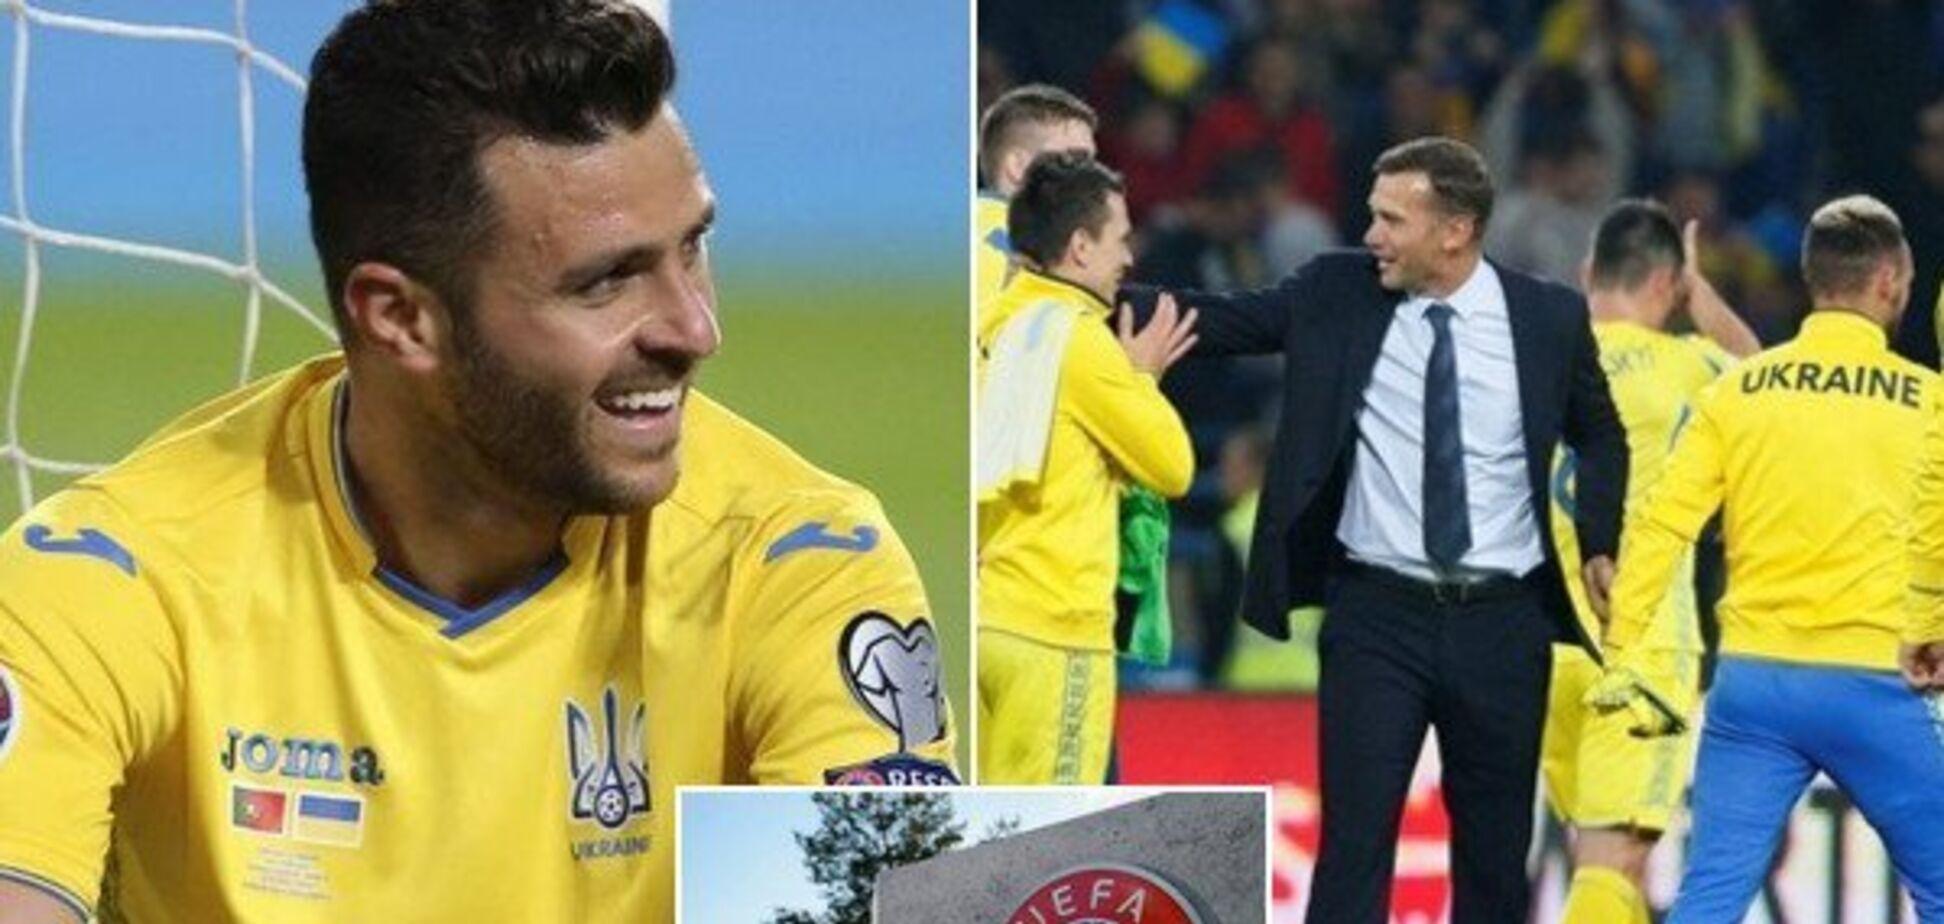 Стали відомі найближчі дії УЄФА у справі Мораеса і збірної України